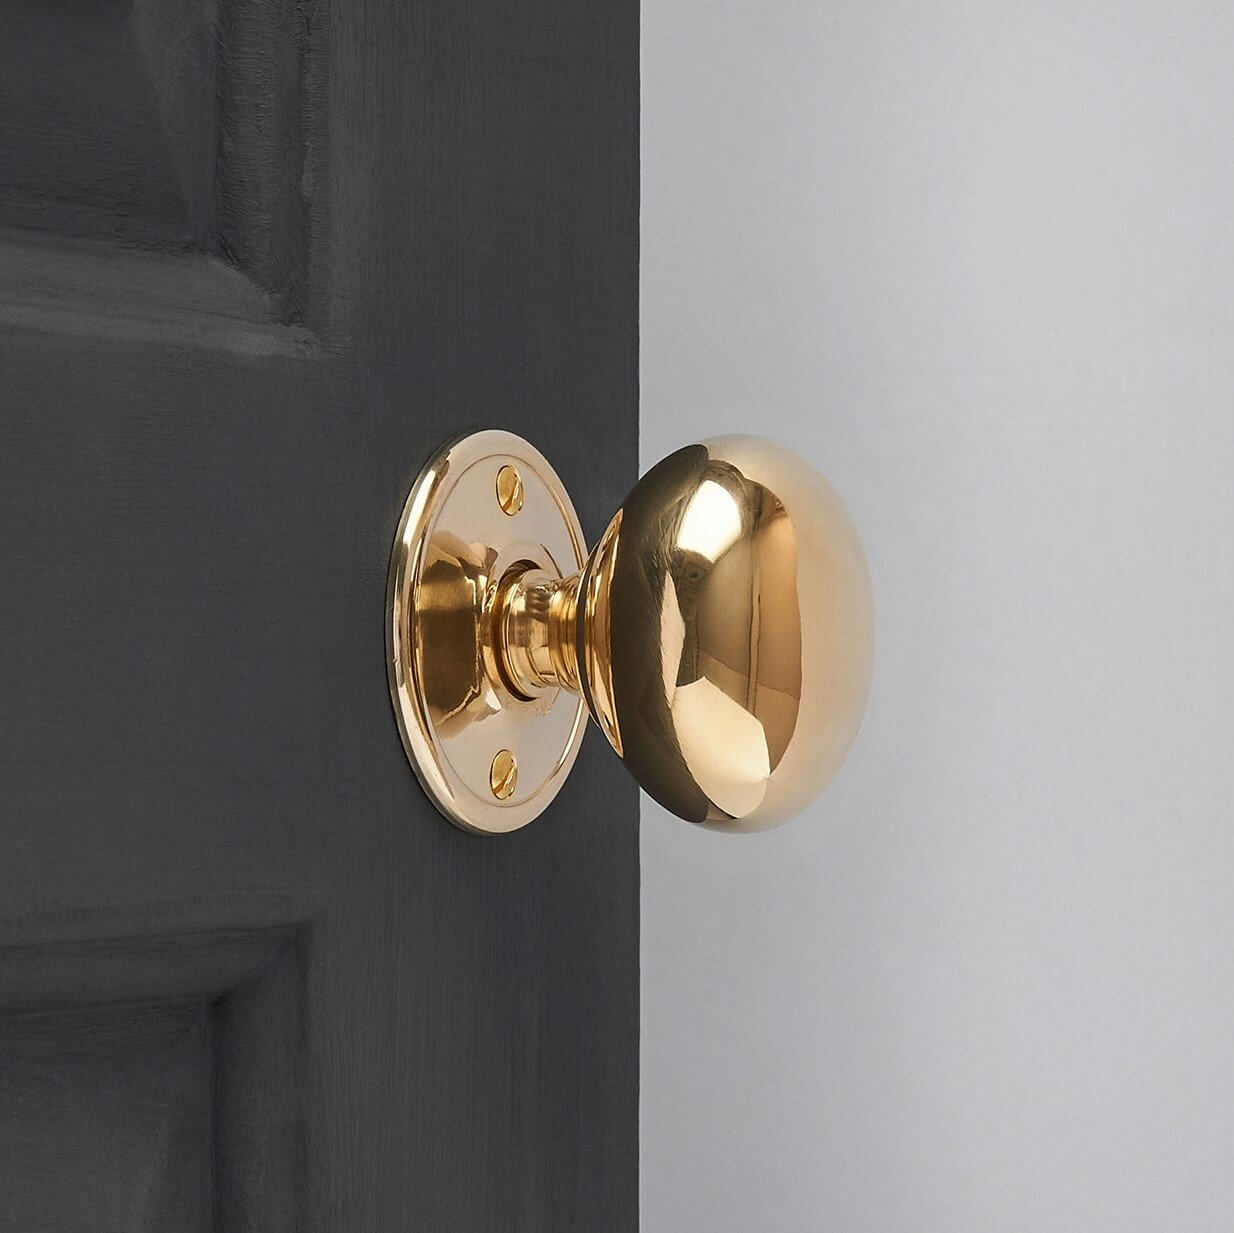 Cottage Mortice/Rim Knob Set (Pair) - Polished Brass - Large